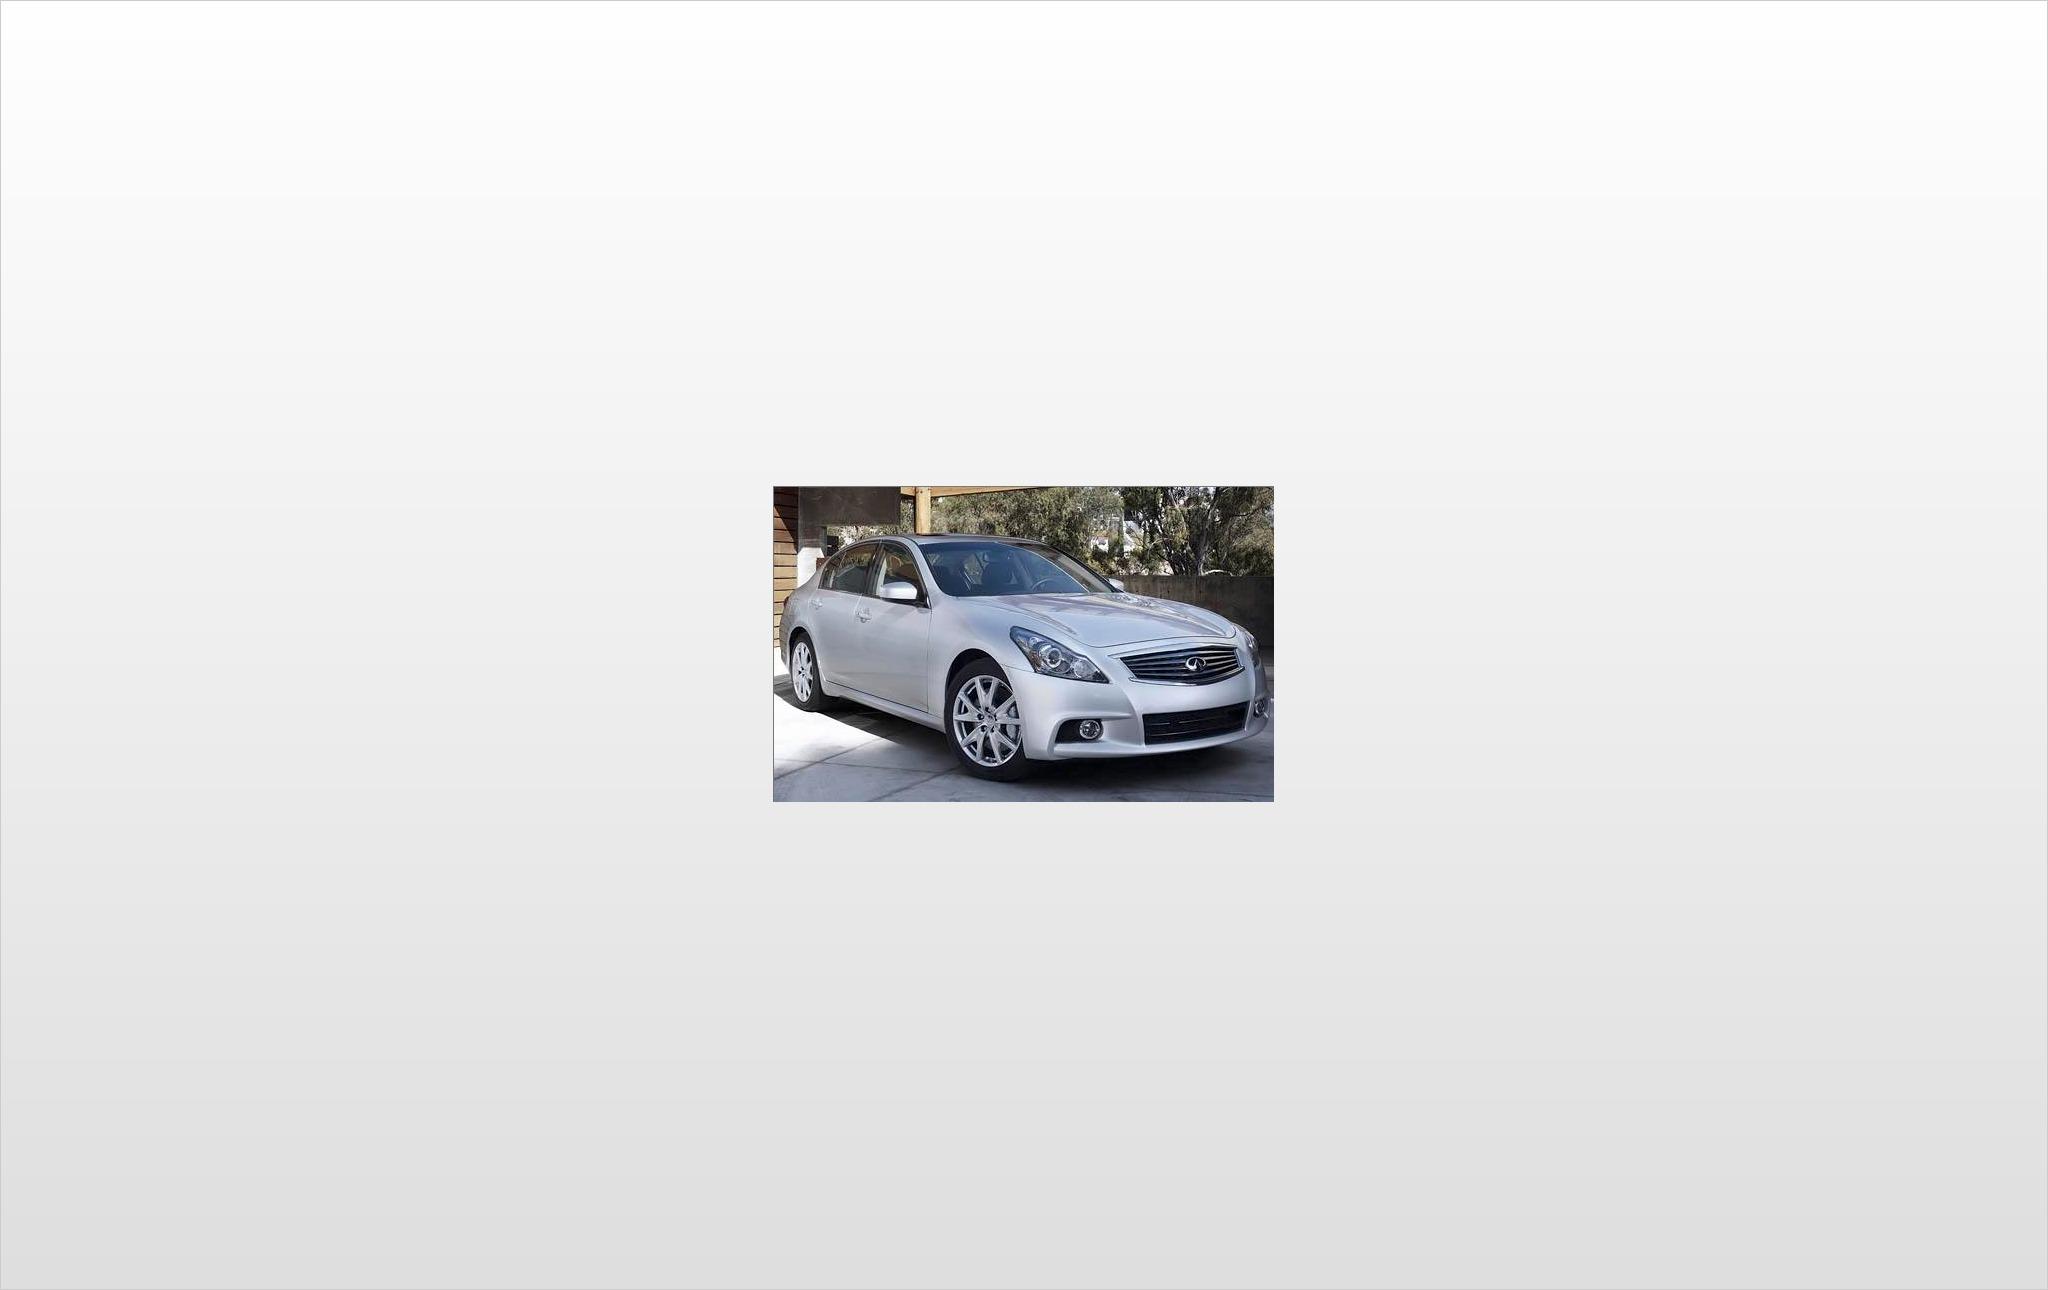 2011 infiniti g sedan sedan g37 sport fq oem 1 2048